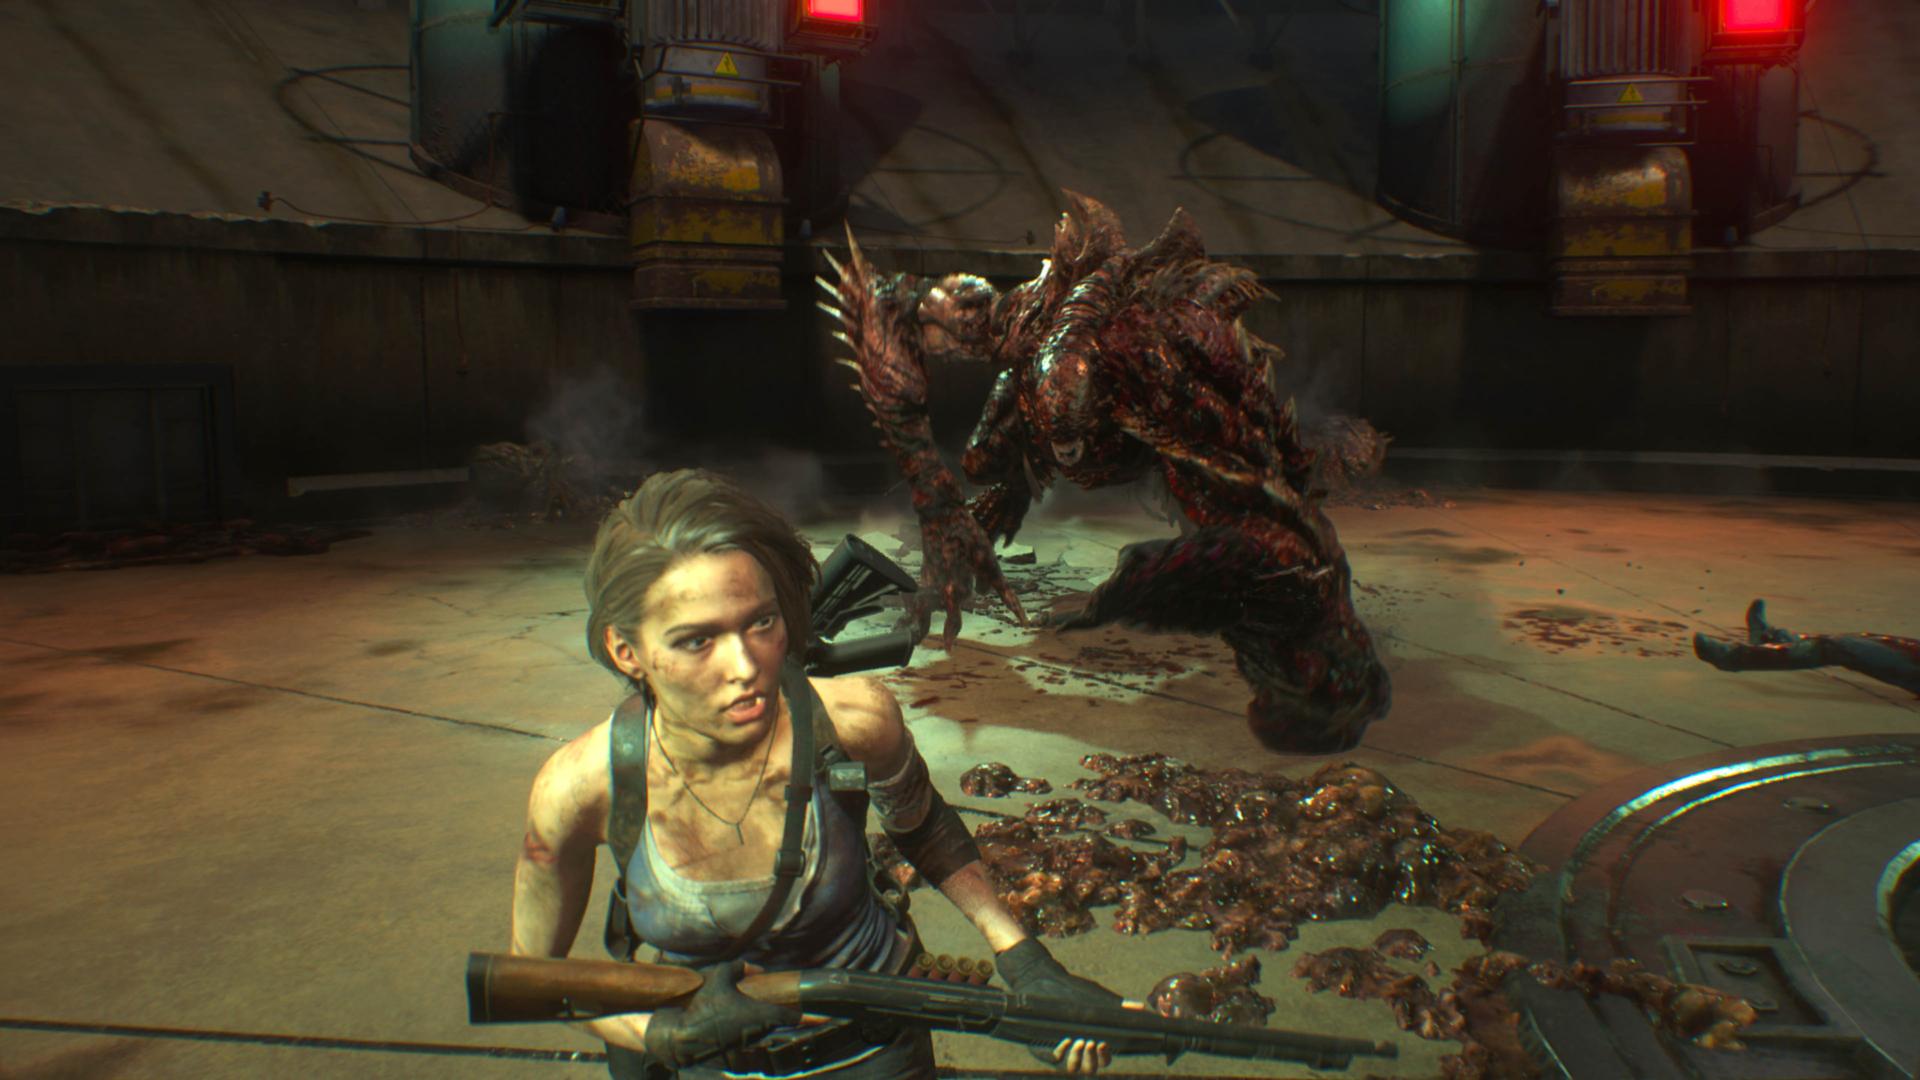 RESIDENT EVIL 3 nemesis (5)